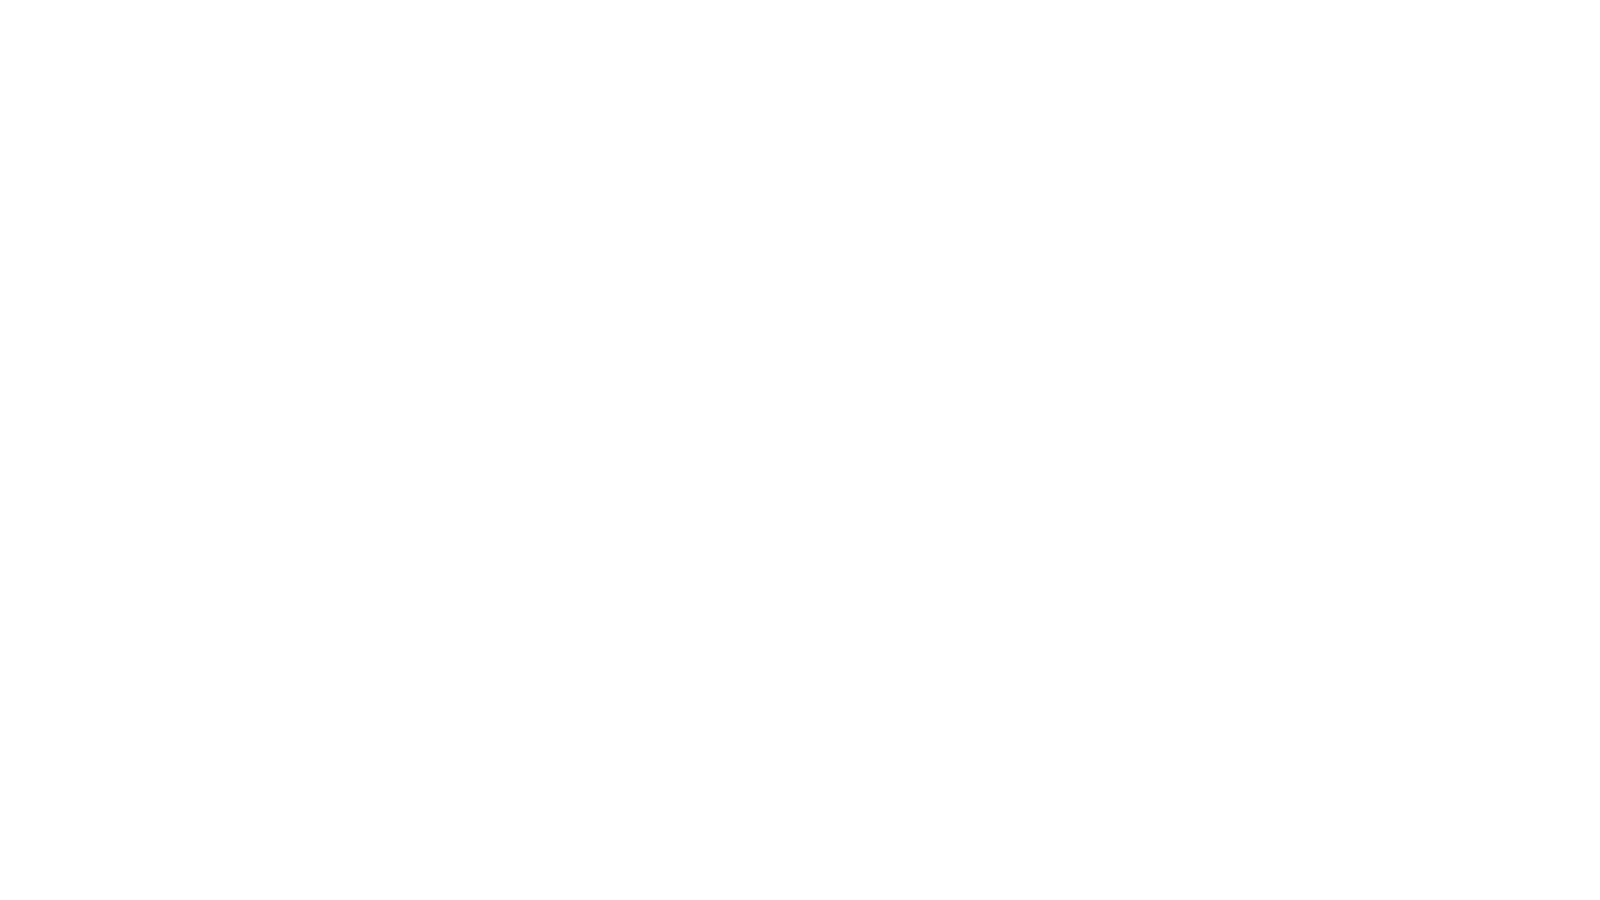 """Türk Bestecileri Serisi Kayıt Projesi VoI. 8  Turgay Erdener """"Yerçekimli Karanfil""""  Turgay Erdener'in 2017 yılında piyano ve şan için bestelediği Yerçekimli Karanfil; şair Edip Cansever'in aynı adı taşıyan ve 1957 yılında yazdığı şiiri üzerine bestelenmiştir.  Mezzosoprano Senem Demircioğlu, en güzel şekilde seslendirdi.  İlginç bir de not eklemek isterim: Türk Bestecileri Projesi kapsamında kaydettiğim 106 eser içerisinde, 21. yüzyılda bestelenen tek eser Yerçekimli Karanfil.  Lirik bir dokusu olan bu güzel eseri, hepinizin seveceğini umuyorum.  Biliyor musun az az yaşıyorsun içimde Oysaki seninle güzel olmak var Örneğin rakı içiyoruz, içimize bir karanfil düşüyor gibi Bir ağaç işliyor tıkır tıkır yanımızda Midemdi aklımdı şu kadarcık kalıyor. Sen karanfile eğilimlisin, alıp sana veriyorum işte Sen de bir başkasına veriyorsun daha güzel O başkası yok mu bir yanındakine veriyor Derken karanfil elden ele. Görüyorsun ya bir sevdayı büyütüyoruz seninle Sana değiniyorum, sana ısınıyorum, bu o değil Bak nasıl, beyaza keser gibisine yedi renk Birleşiyoruz sessizce.  Turgay Erdener (1957) / Türk Besteci (Turkish Composer) Edip Cansever (1928 - 1986) / Türk şair (Turkish poet)  Fazıl Say / piyano (piano) Senem Demircioğlu / mezzosoprano  #fazilsay #fazılsay #TurkishComposersSeries #TurgayErdener #TürkBestecileriSerisi  Yapım: ACM Production Fazıl Say, yapımcı Taner Zadsan, yapımcı Eren Yağmuroğlu, yürütücü yapımcı Toygun Özdemir, yürütücü yapımcı Senem Tekinkoca, metin ve yazılar Pieter Snapper, kayıt yönetmeni, edit, mix, mastering Kıvılcım Konca, kayıt asistanı İrem Ece Gülensoy, kayıt asistanı Selim Çotal, görüntü yönetmeni Hasan Kılıç, kurgu Erçin Kaya, akordör Arter Yapım Ekibi: Aslıhan Tuna, etkinlik koordinatörü Erdal Hamamcı, teknik yapım koordinatörü Tugay Görmez, ışık teknisyeni Recep Tanır, ses teknisyeni  Özel teşekkürler: Ece Dağıstan Say, Melih Fereli, IKSV  Bu kayıt, Arter Sevgi Gönül Oditoryumu'nda gerçekleştirilmiştir. 2021"""